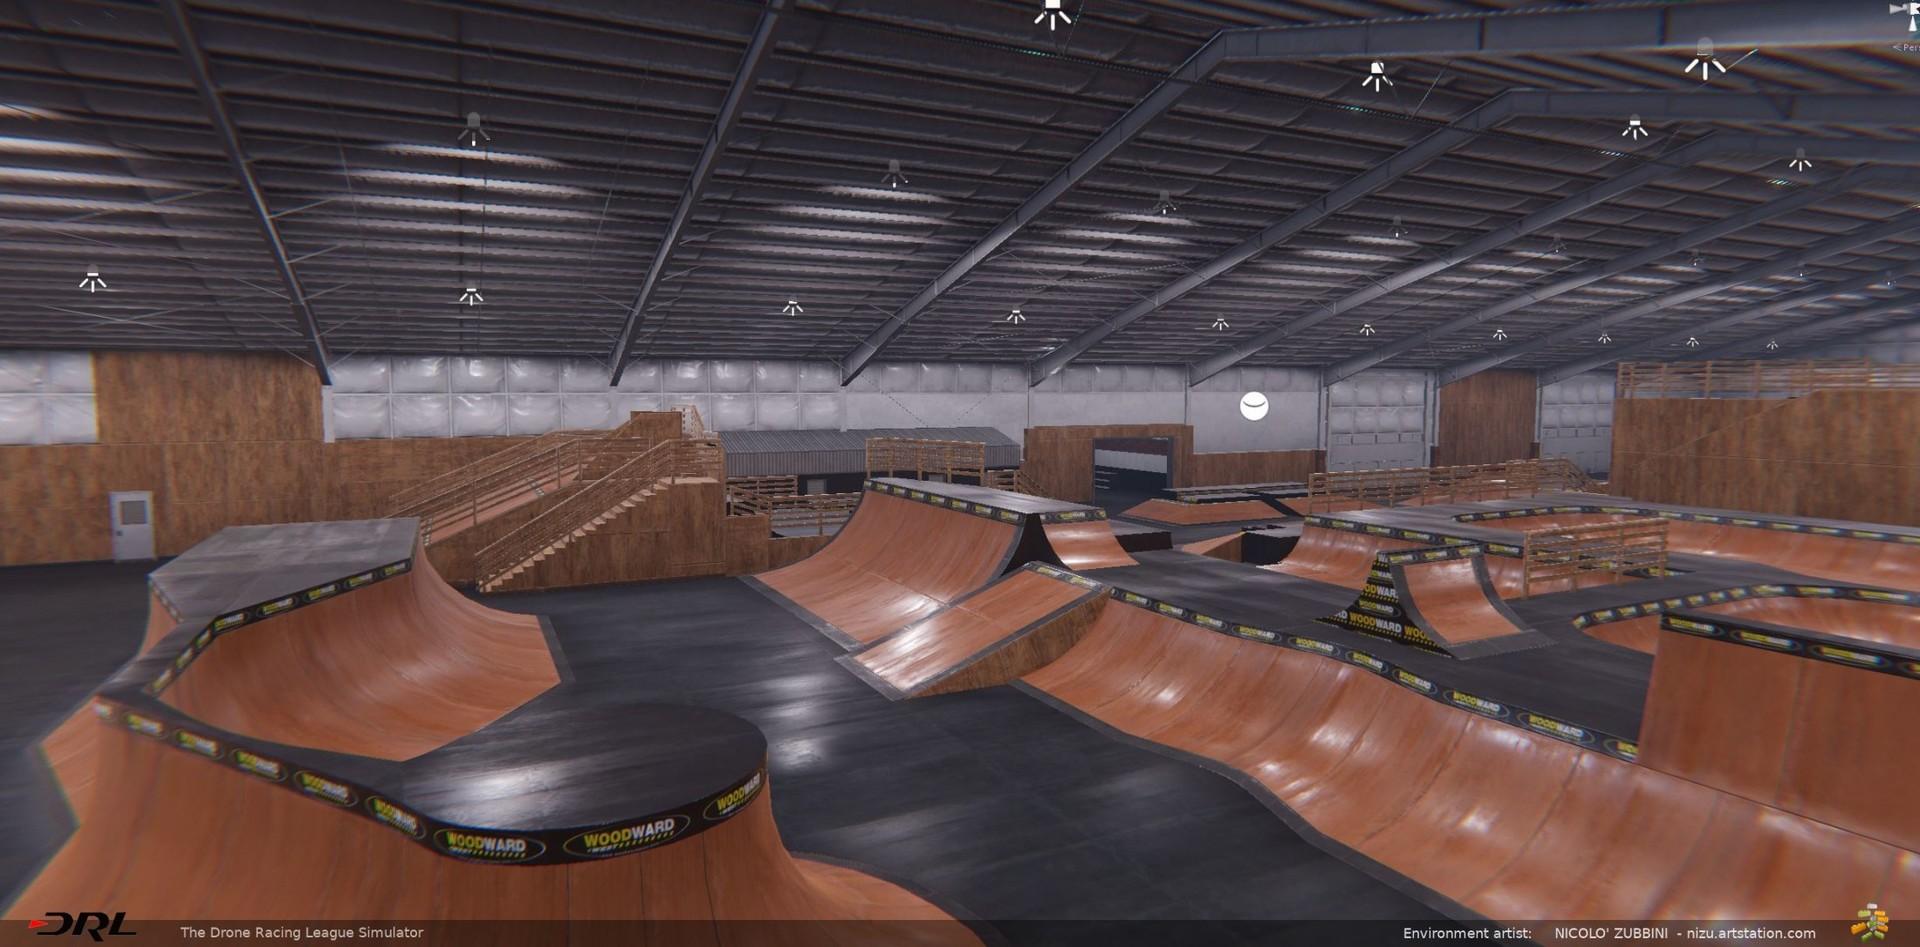 Nicolo zubbini drl skatepark 1